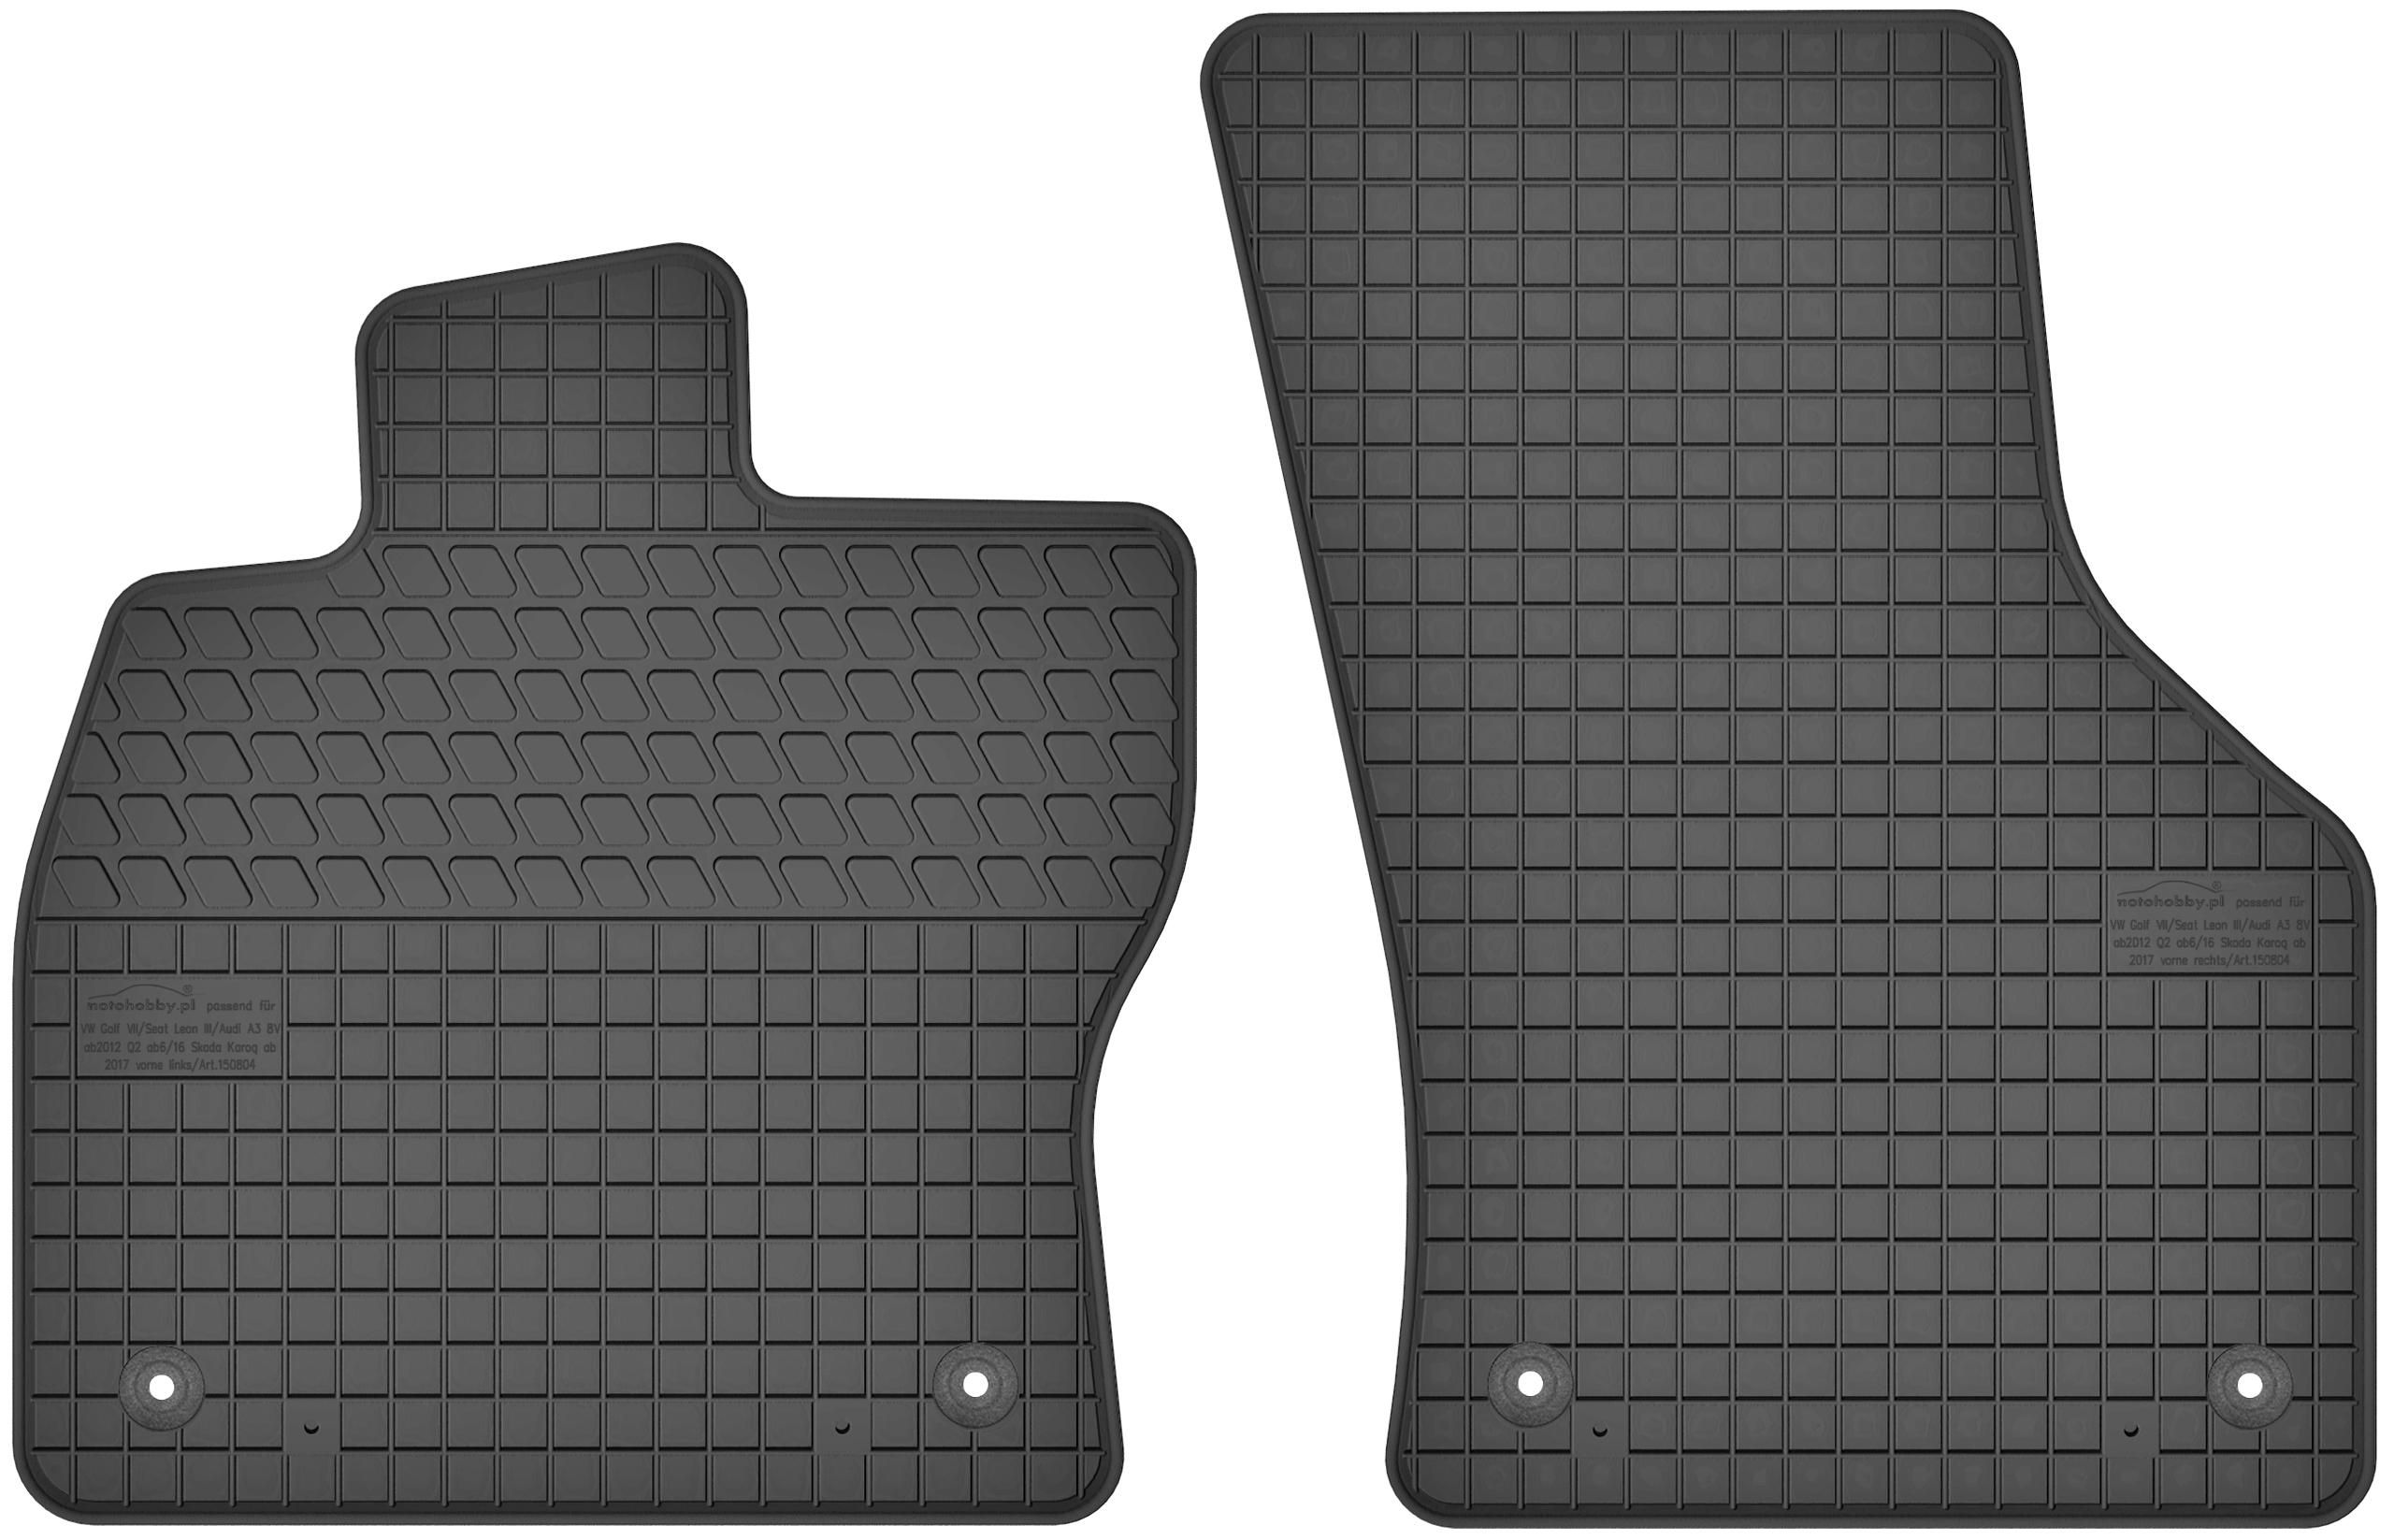 Gummifußmatten für Audi Q3 ab 2019 Passgenau ideal Angepasst